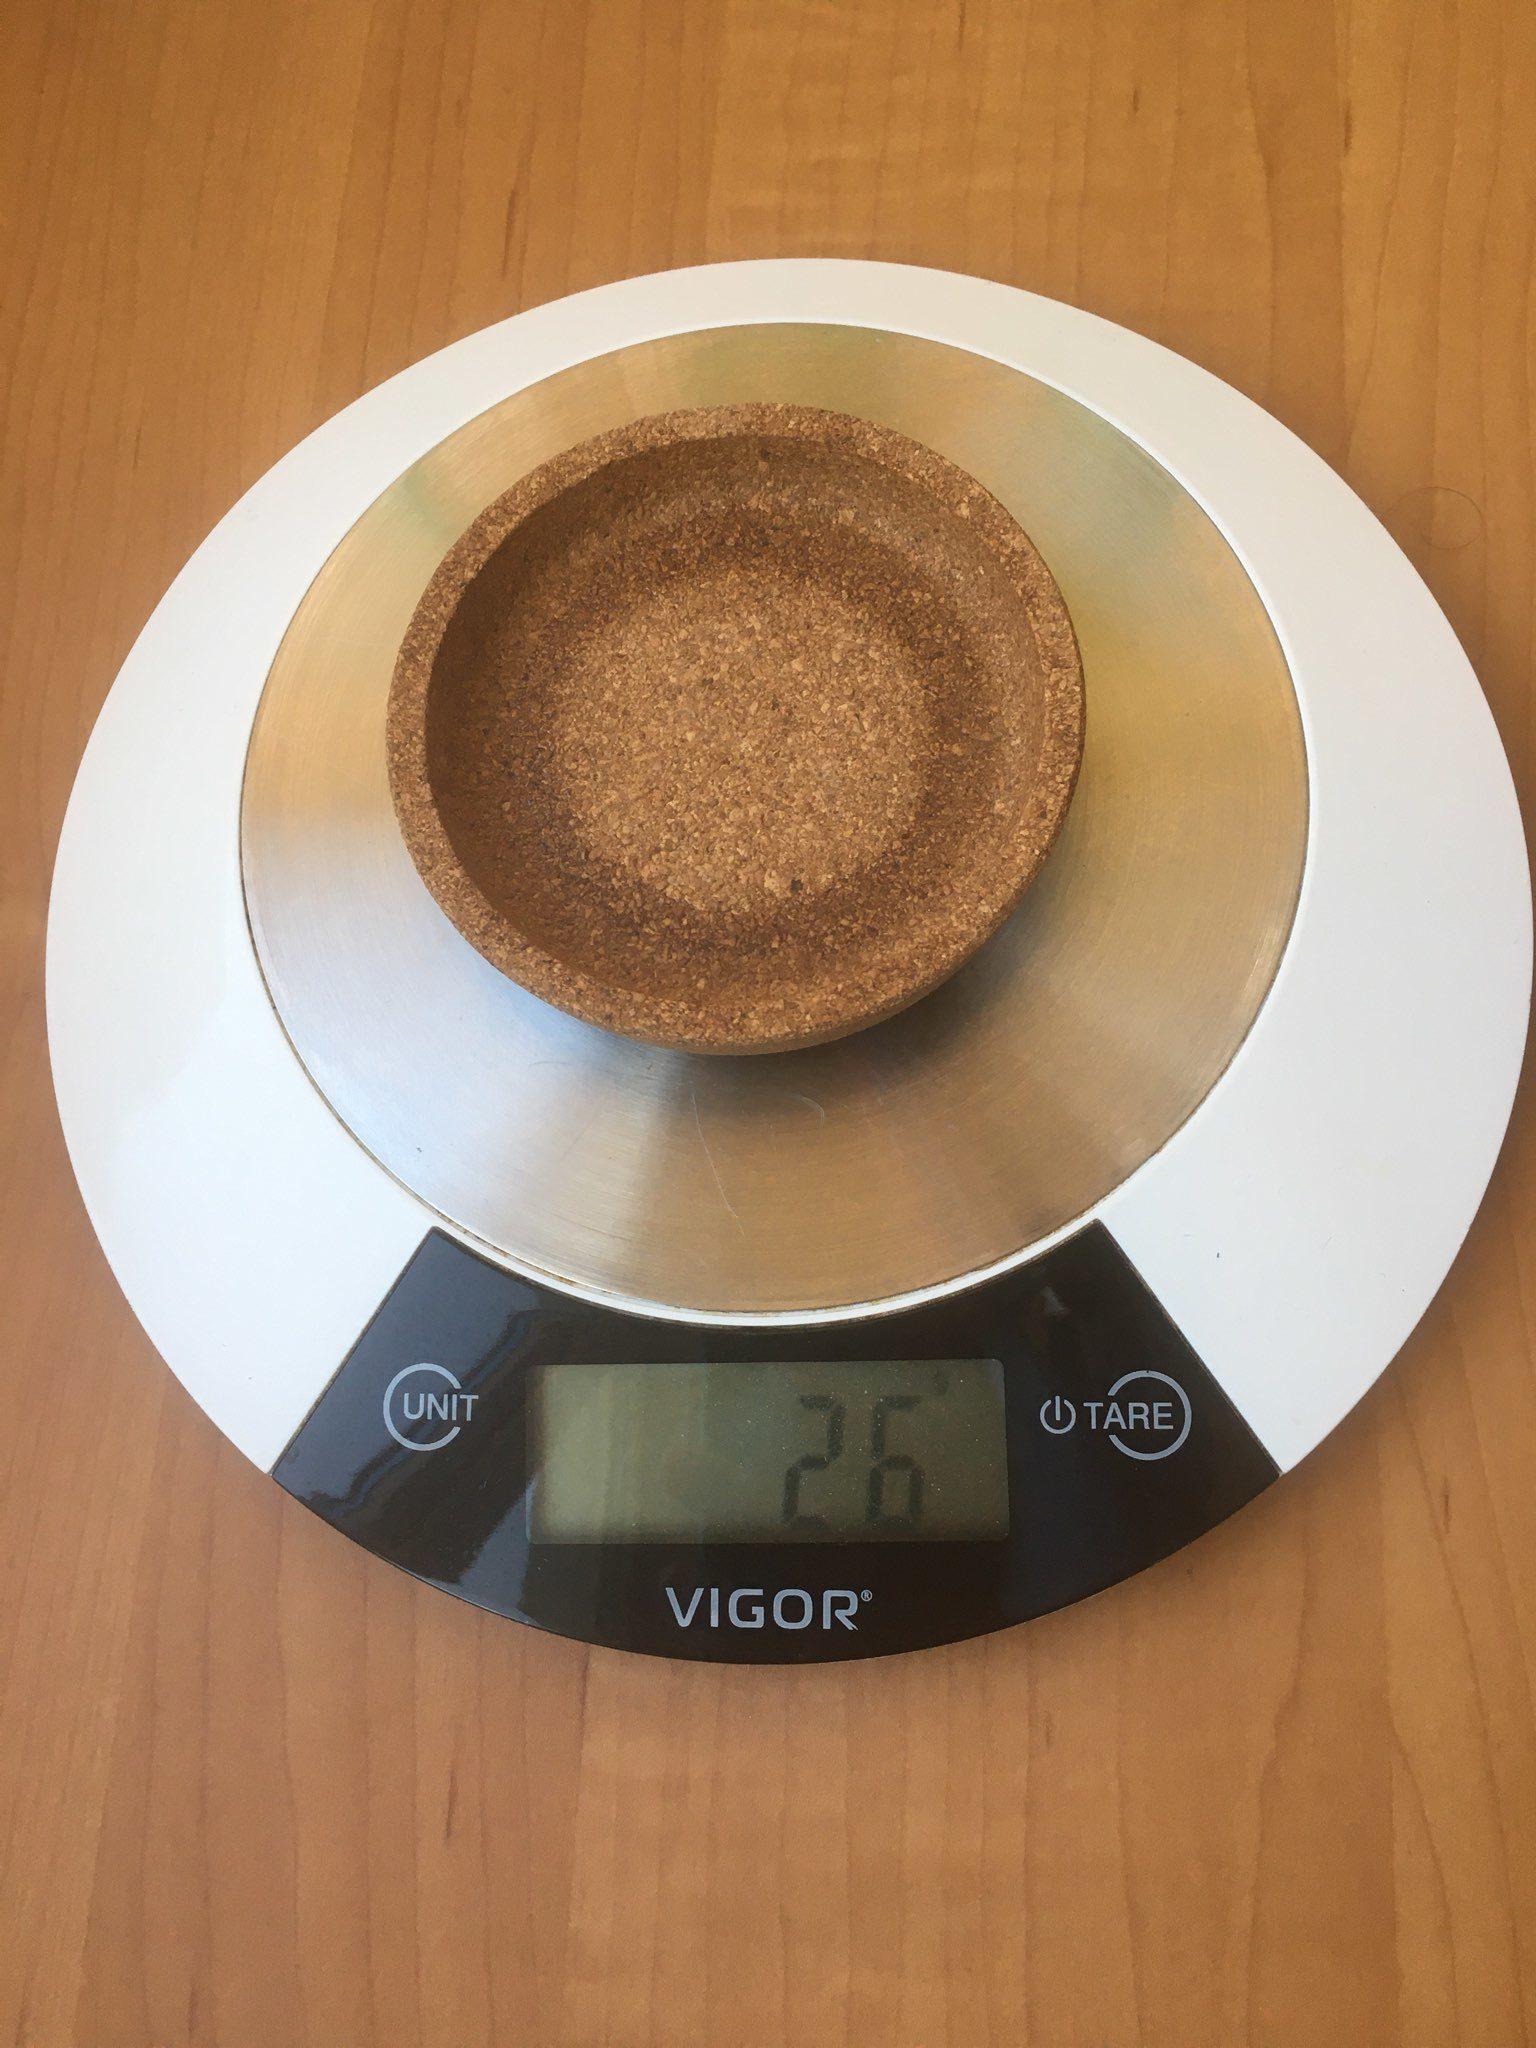 вес подставки под стакана